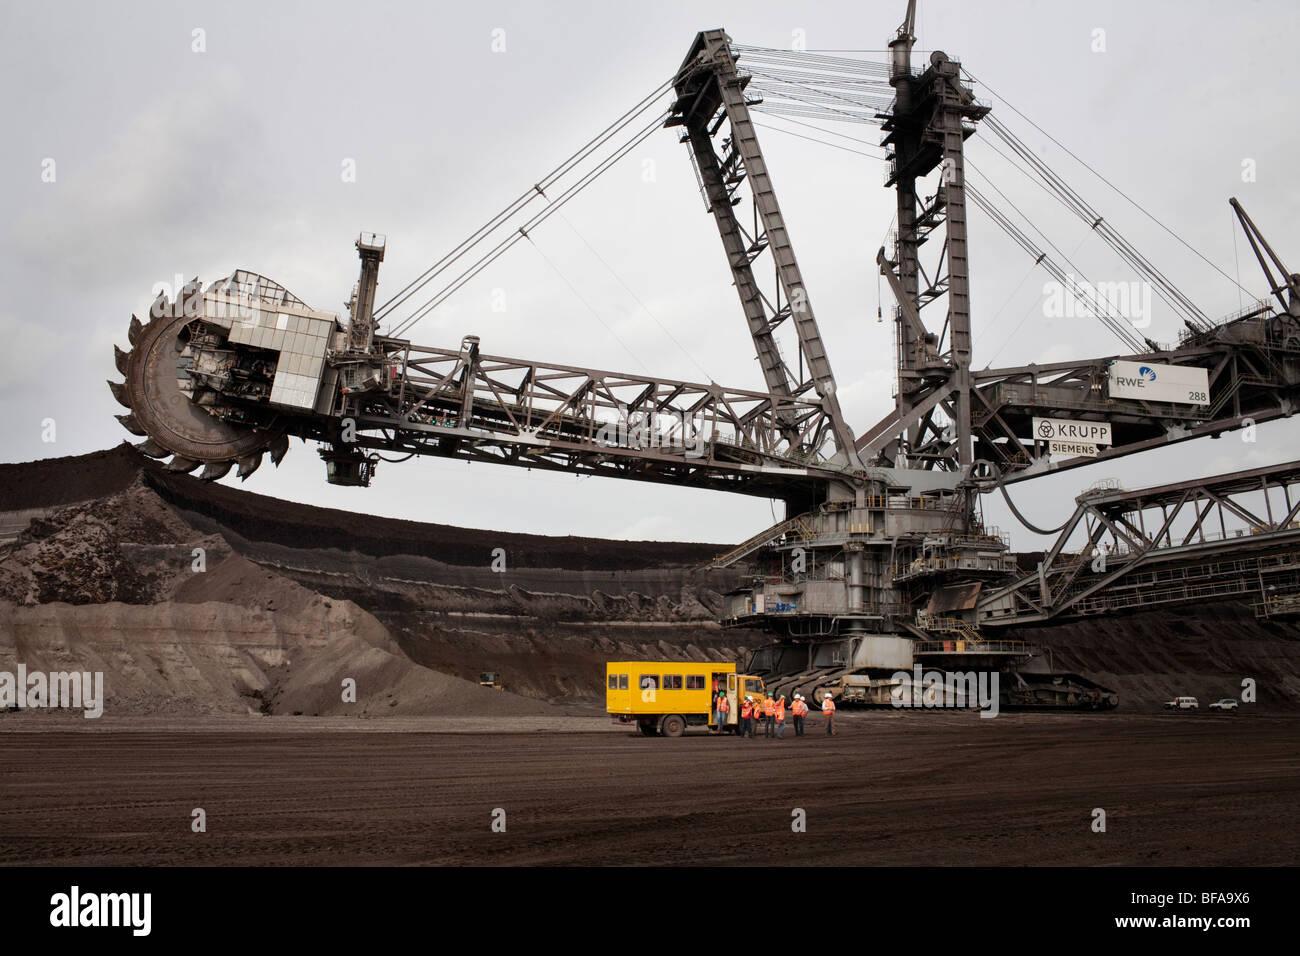 Kohletagebau in Garzweiler der von der RWE betrieben wird, Ankunft eines Werktransporters zum Schichtwechsel, - Stock Image